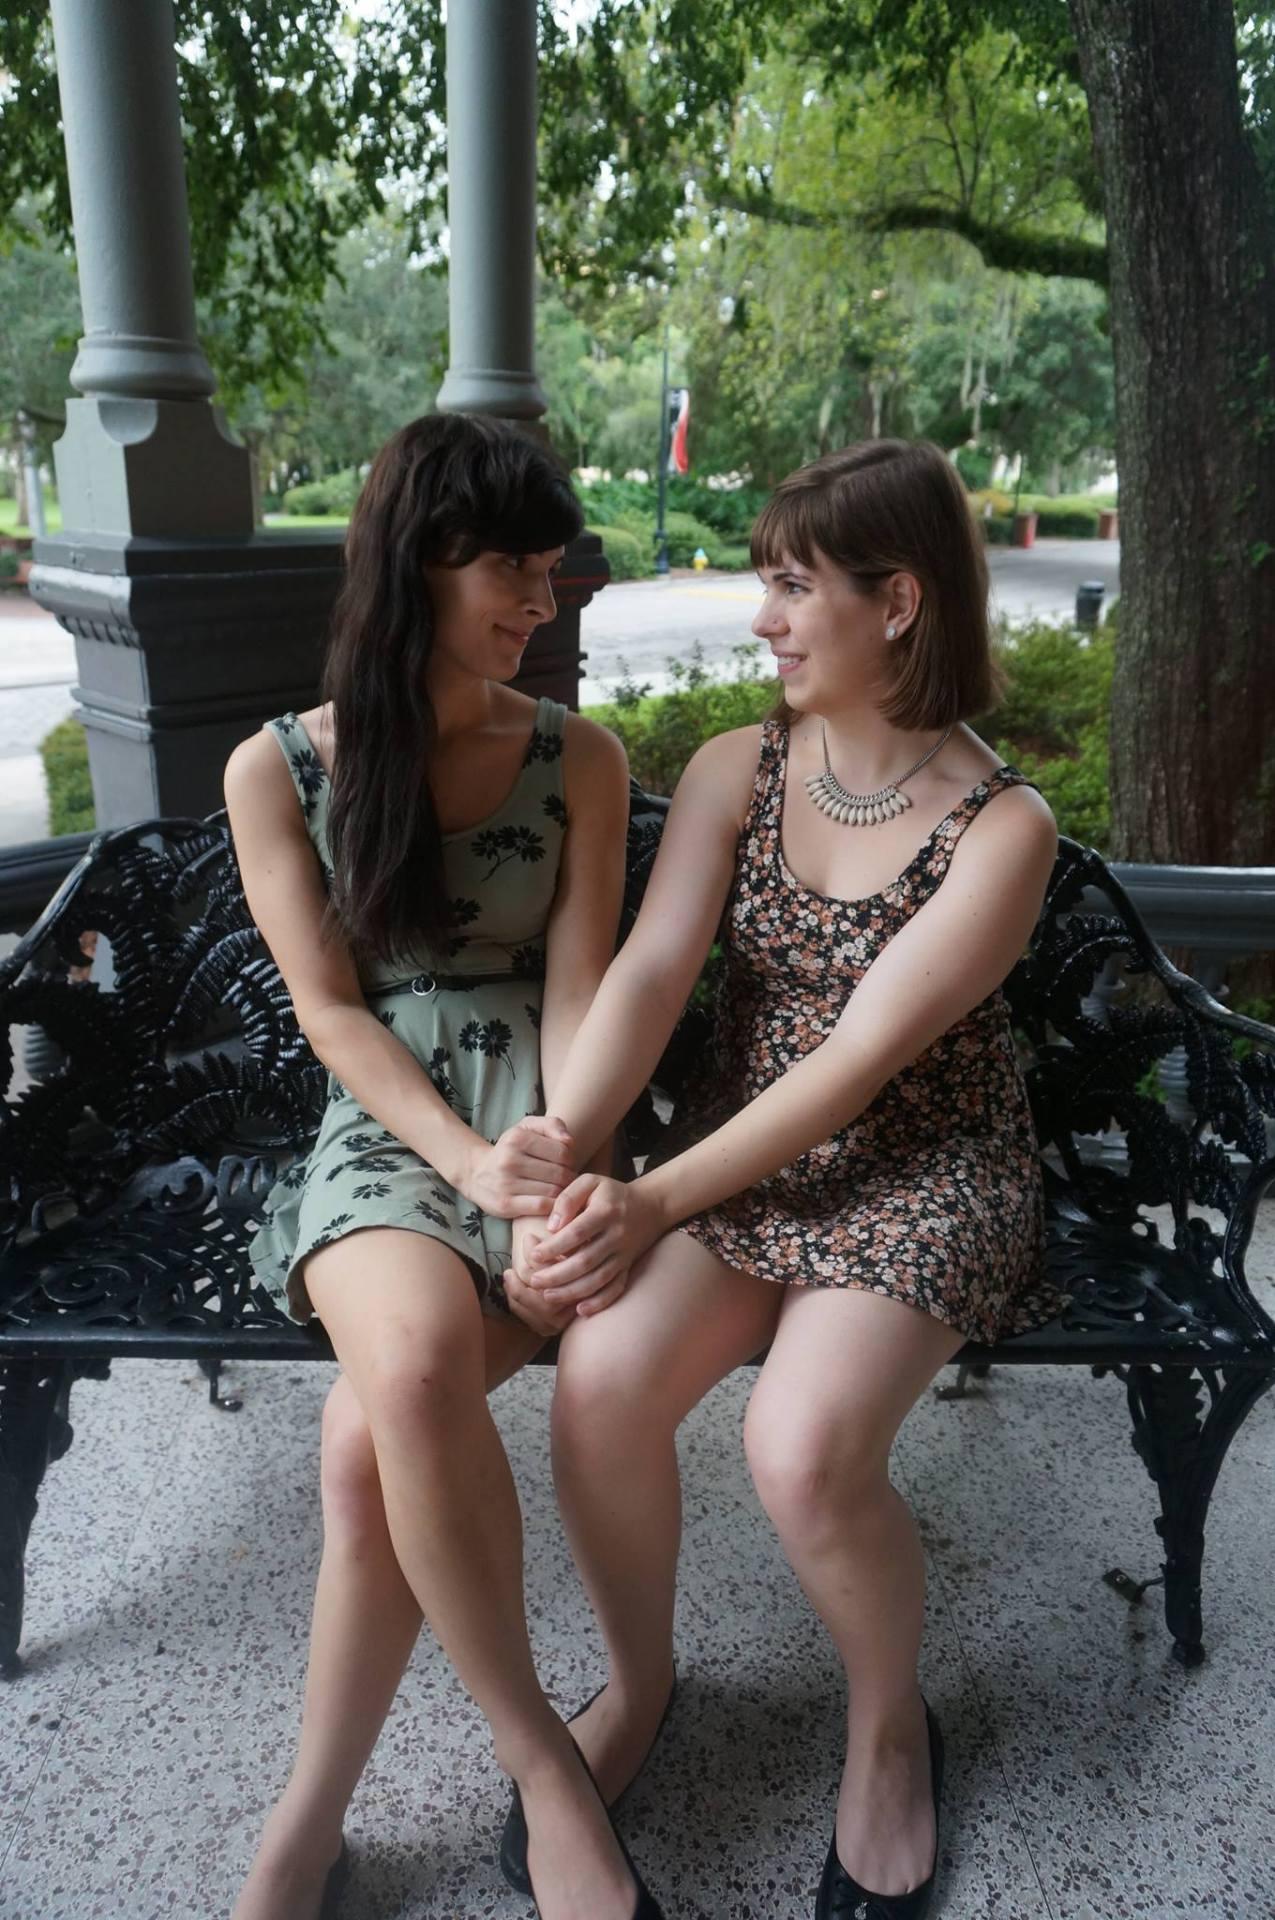 лесбиянка и трансвестит смотреть онлайн